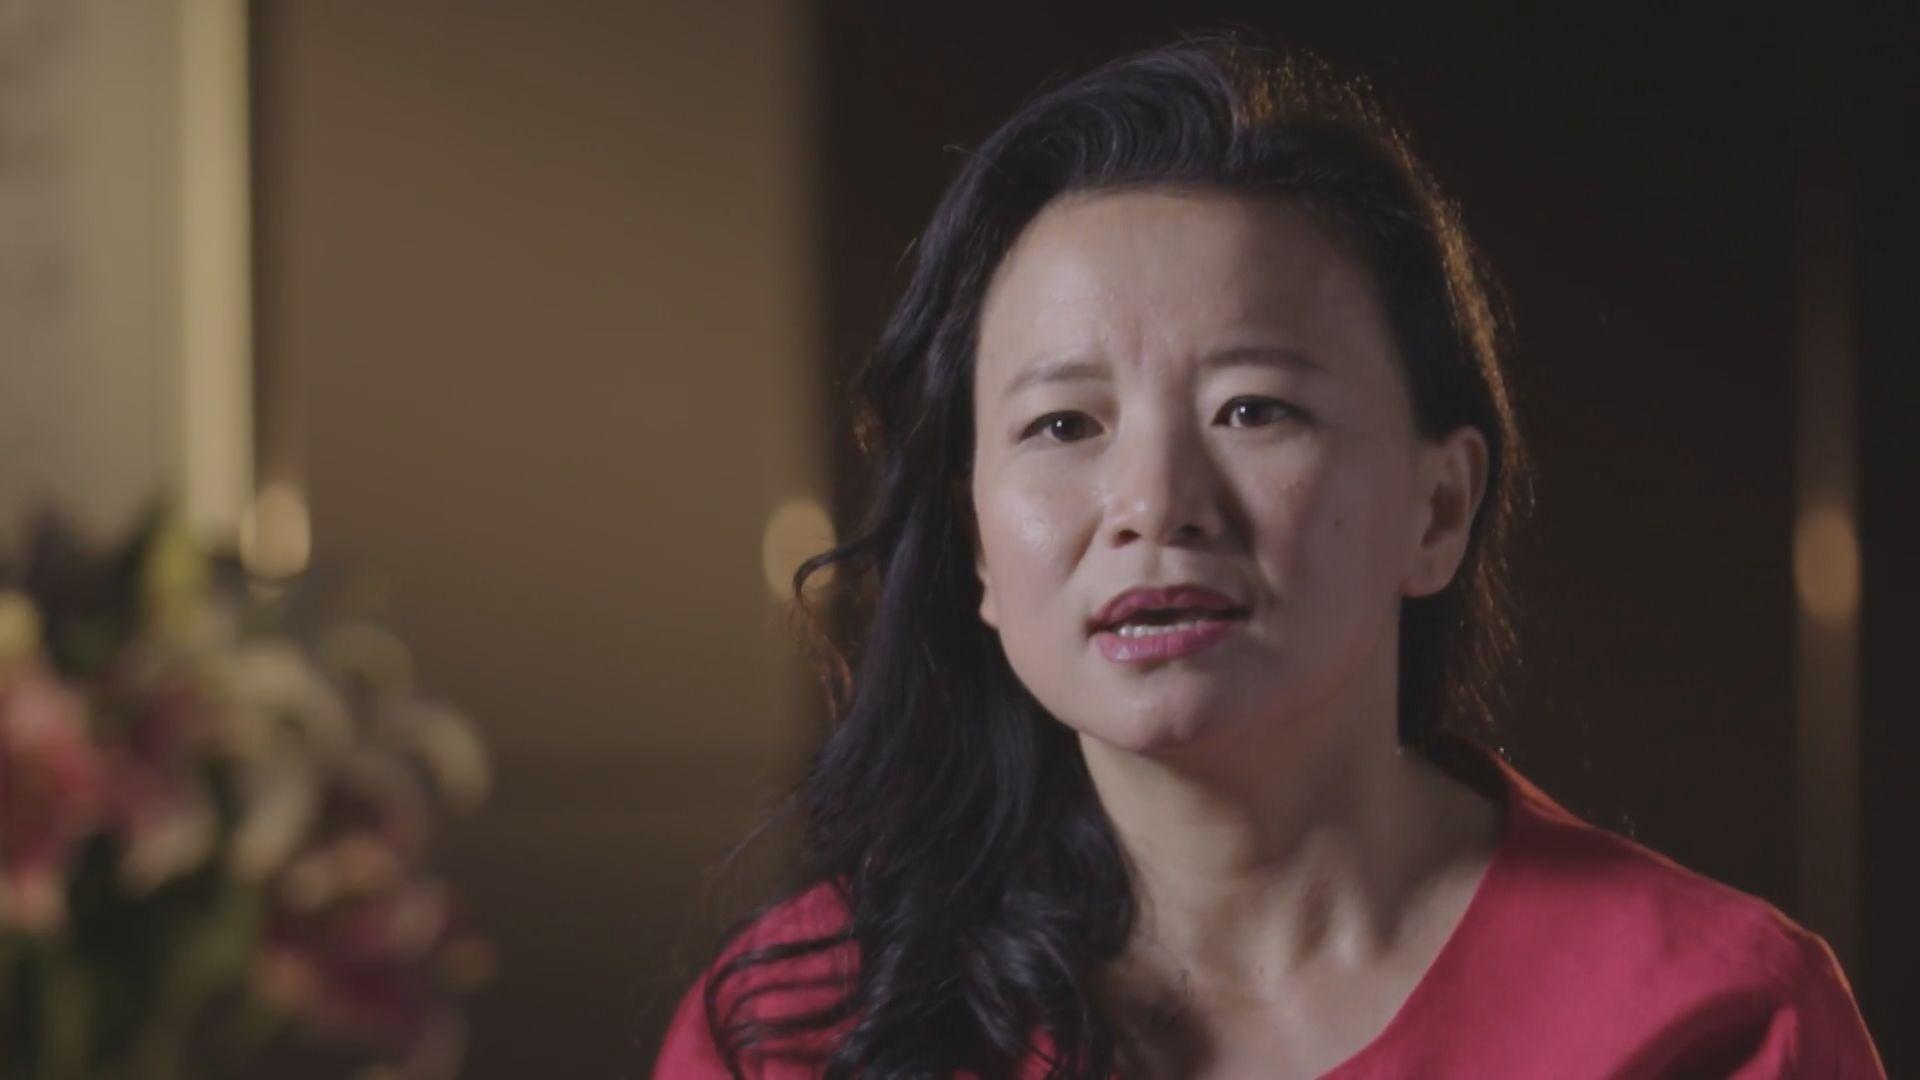 外交部首證澳籍華裔記者成蕾被扣查 澳媒已無駐華記者